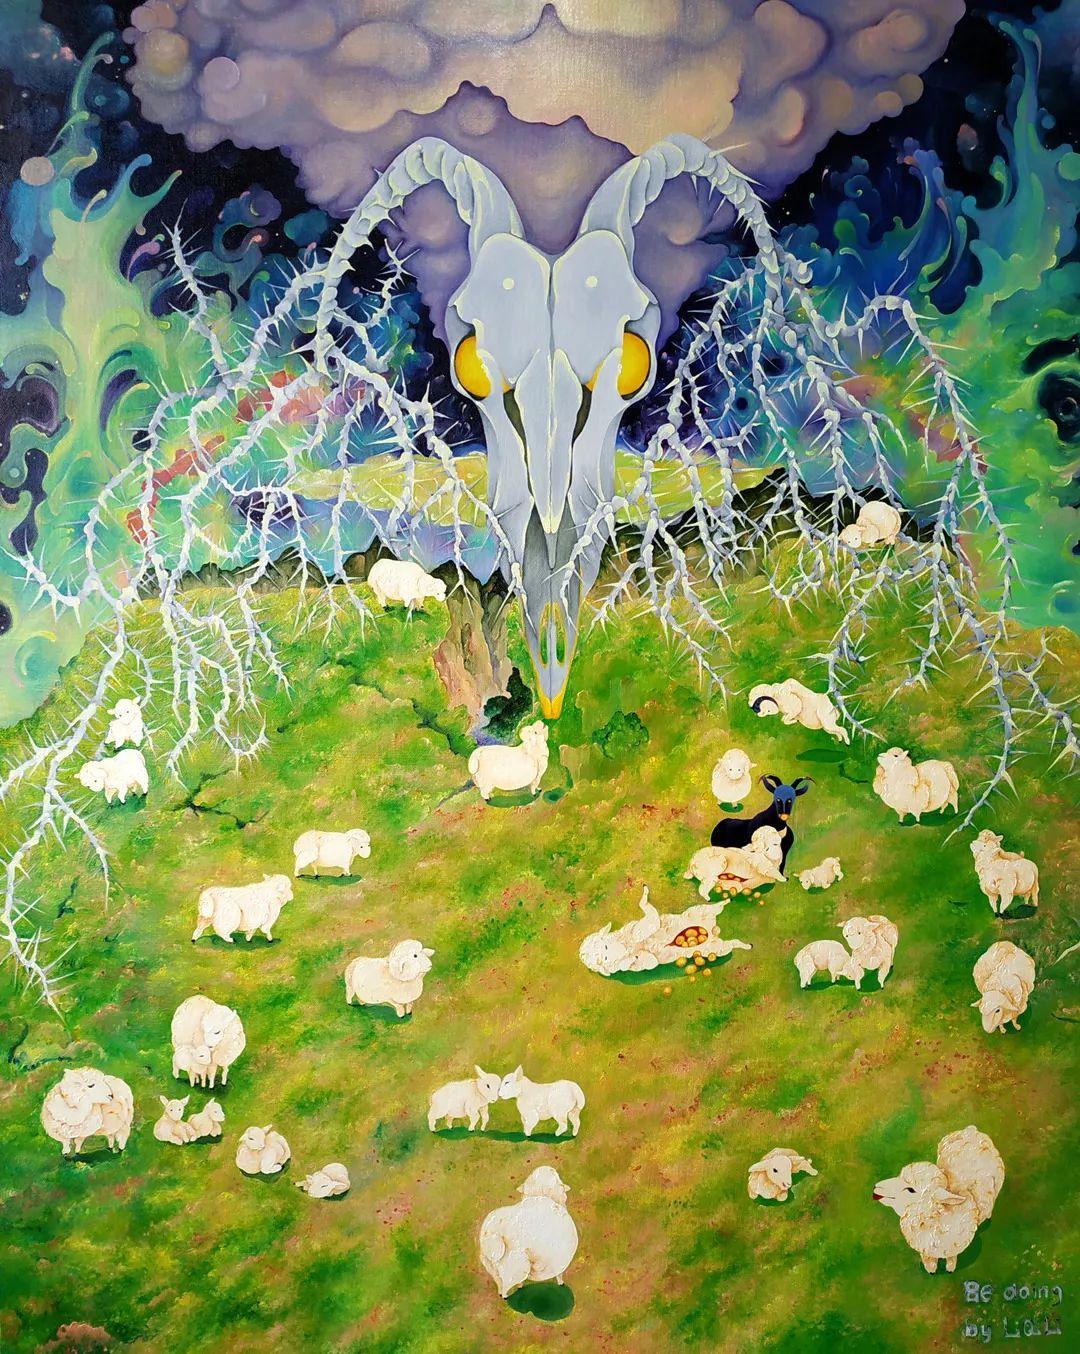 中国当代绘画艺术展作品欣赏之 李琪莉插图5